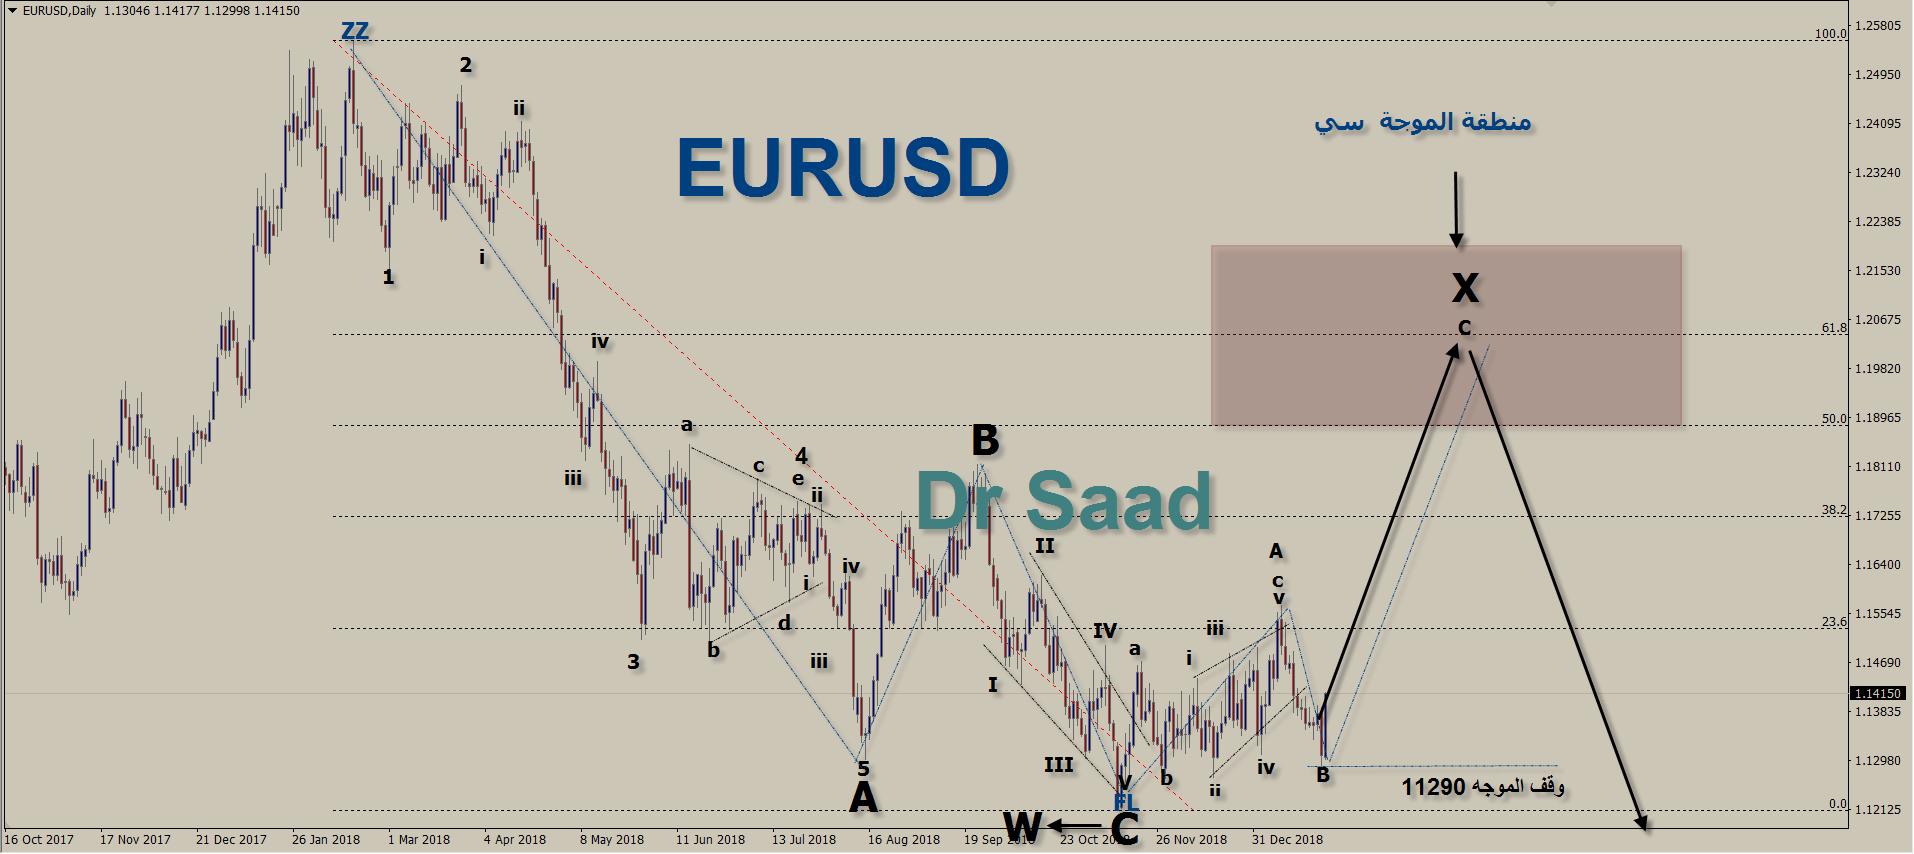 رد: اليورو شهر فبرارير ومارس 2019 ومستويات 120